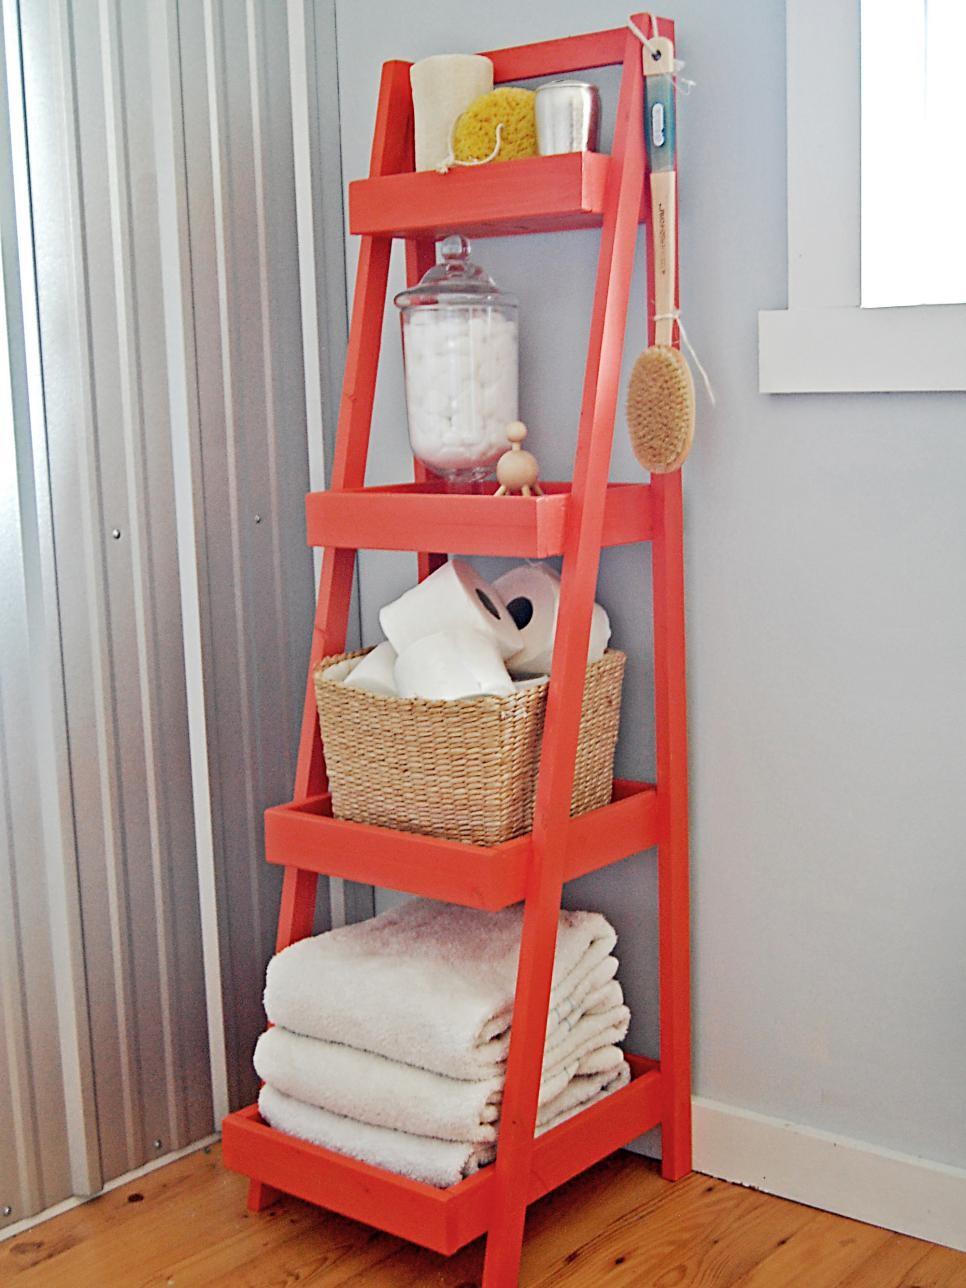 10 Ladder Shelves Simphome com